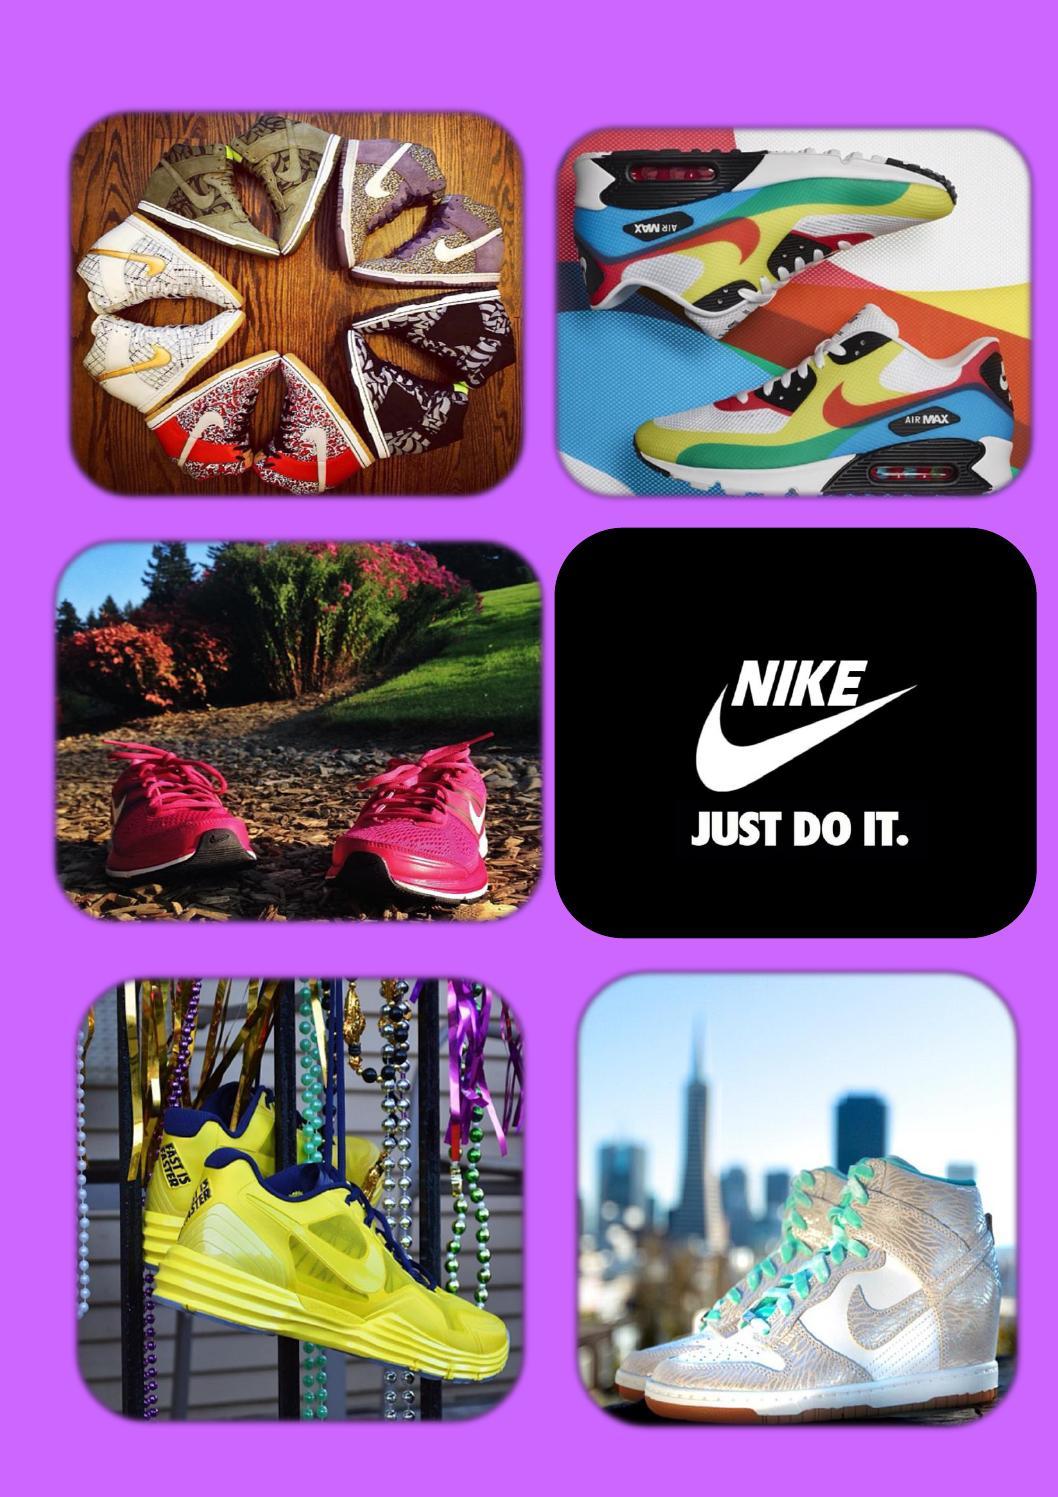 hermosa en color comprando ahora Cantidad limitada Nike. Responsabilidad Social Corporativa by Natalia Martin - issuu